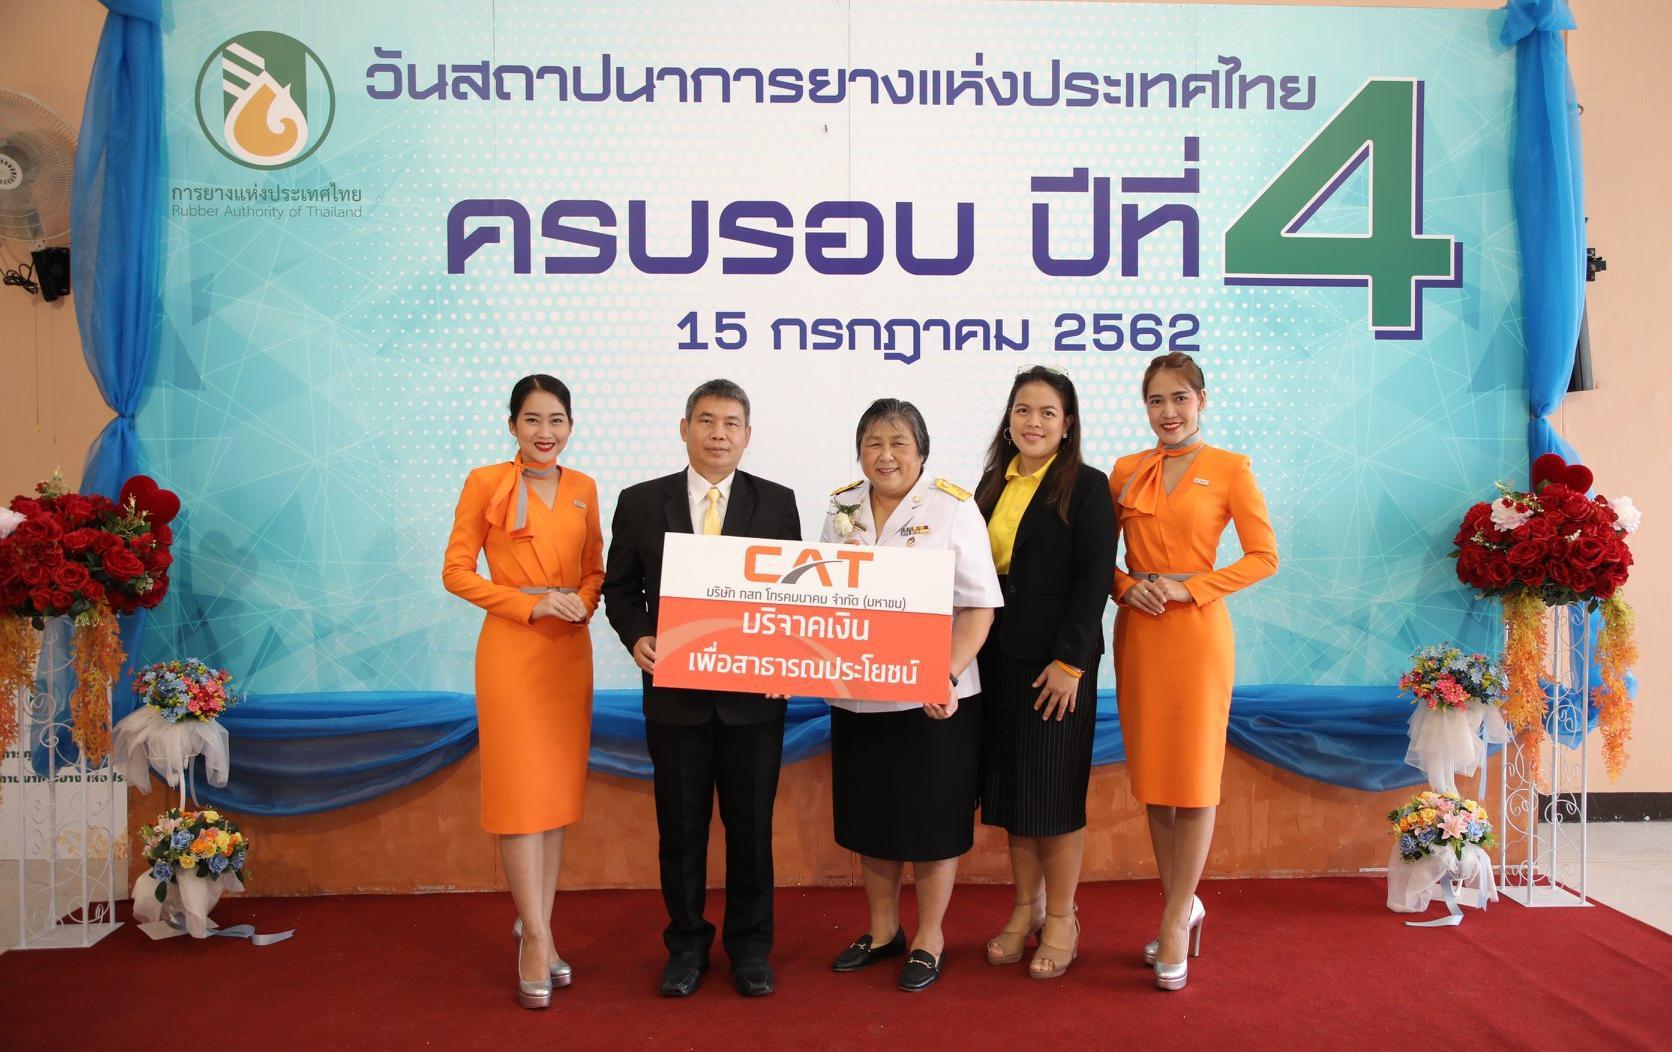 CATร่วมแสดงความยินดี การยางแห่งประเทศไทย ครบรอบปีที่ 4